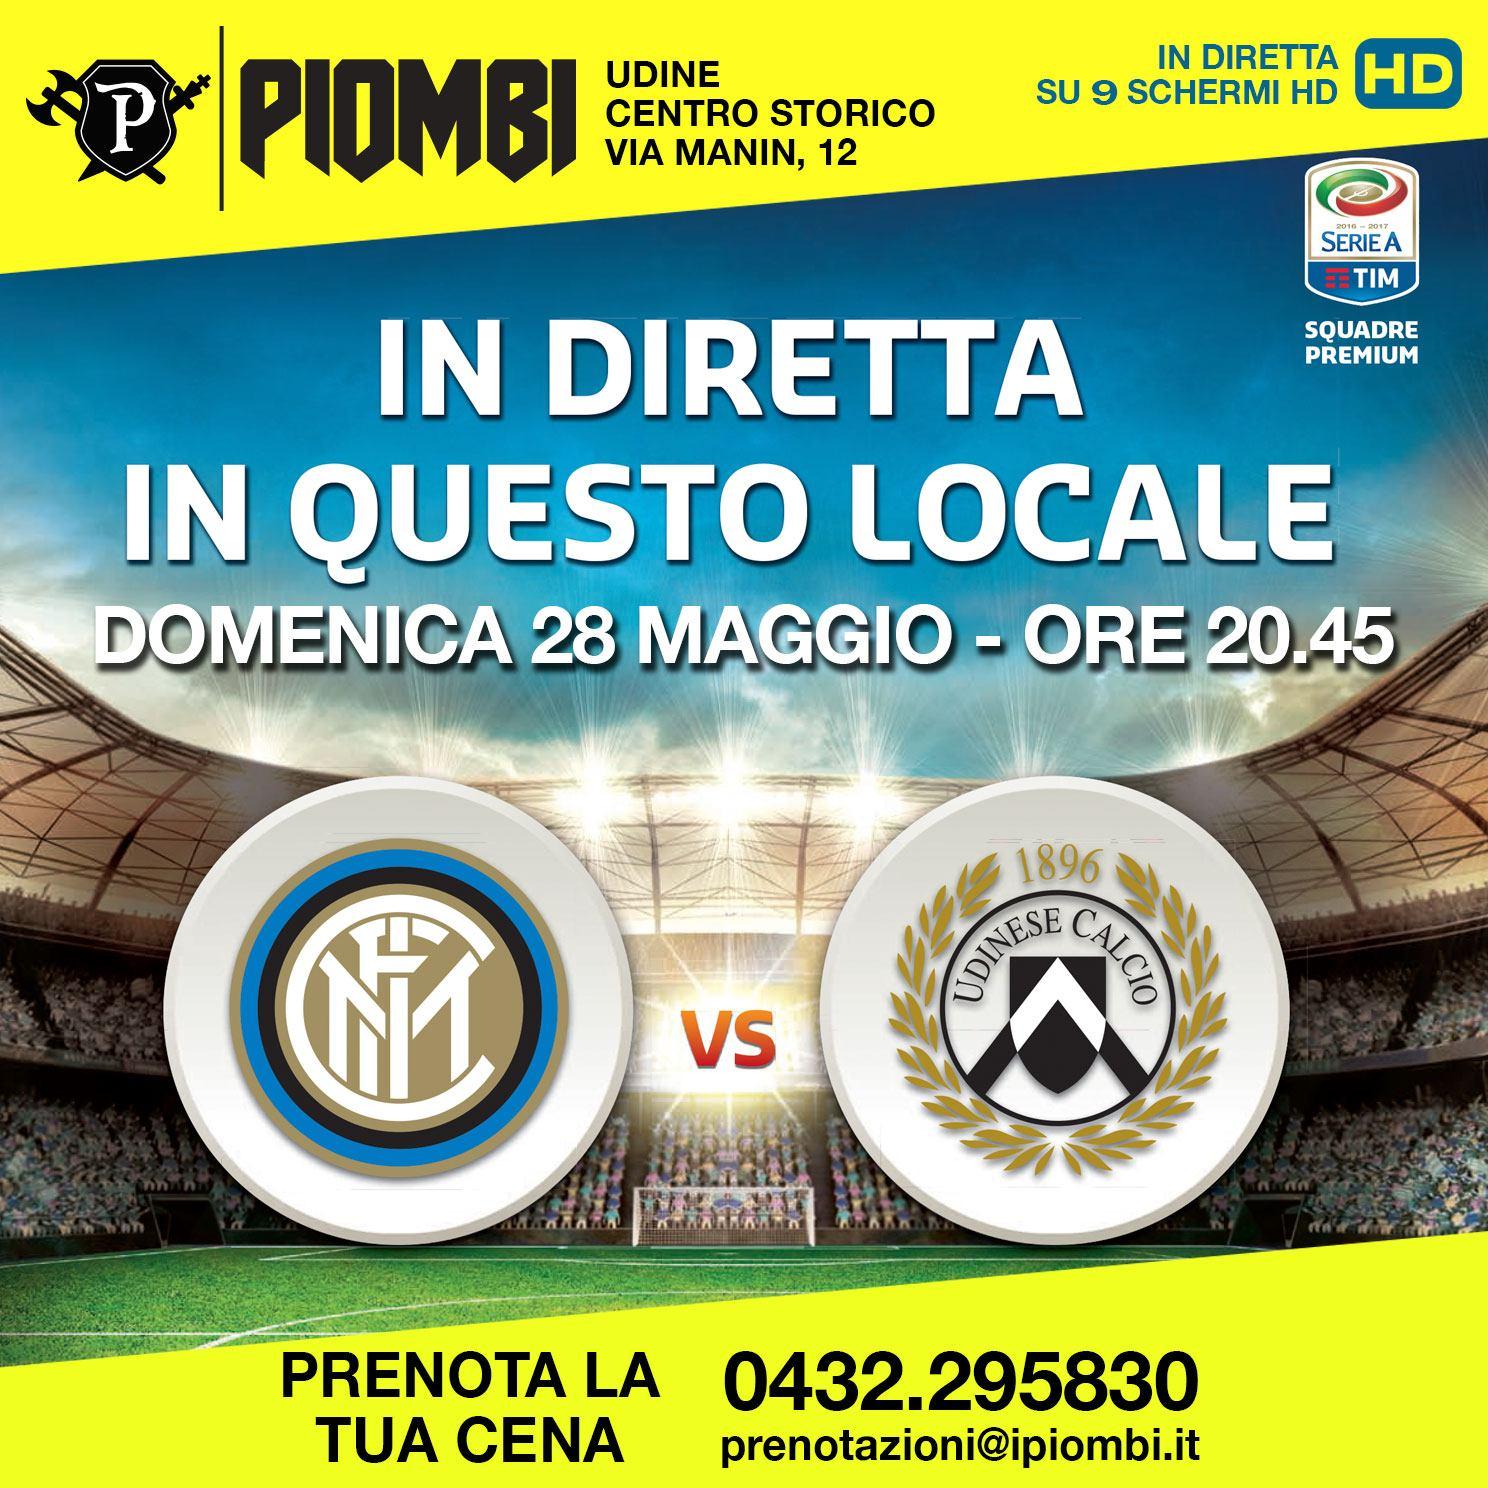 Inter – Udinese in diretta a Udine ai Piombi